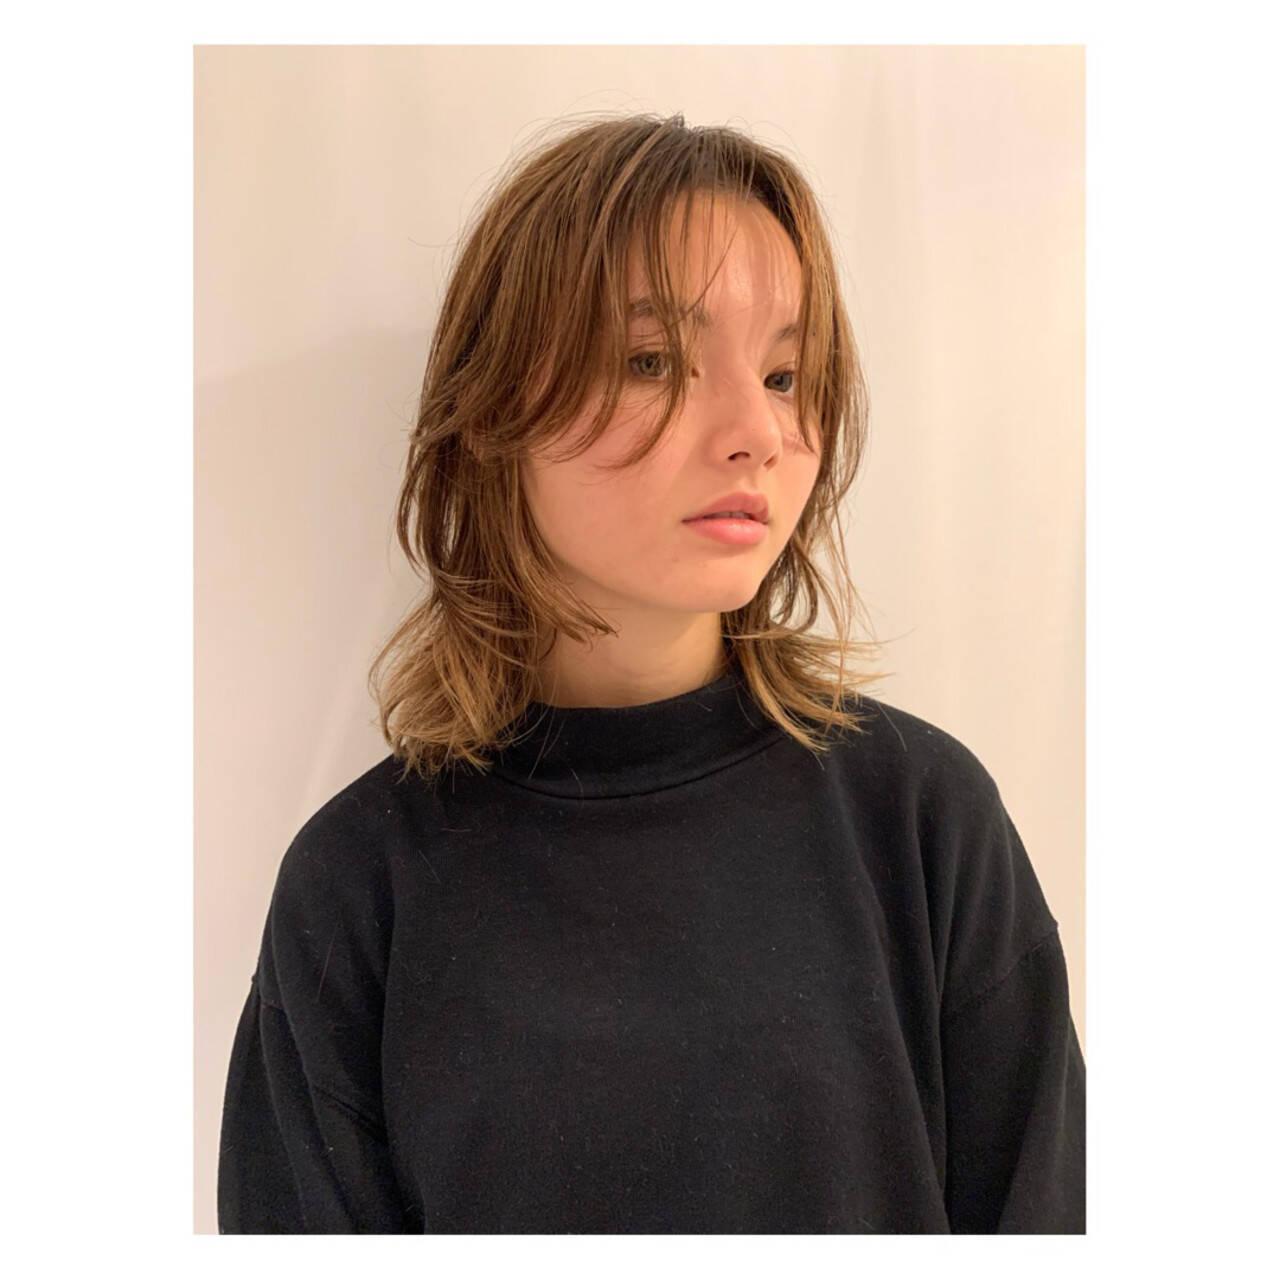 マッシュウルフ ハイライト ミディアム 大人ハイライトヘアスタイルや髪型の写真・画像